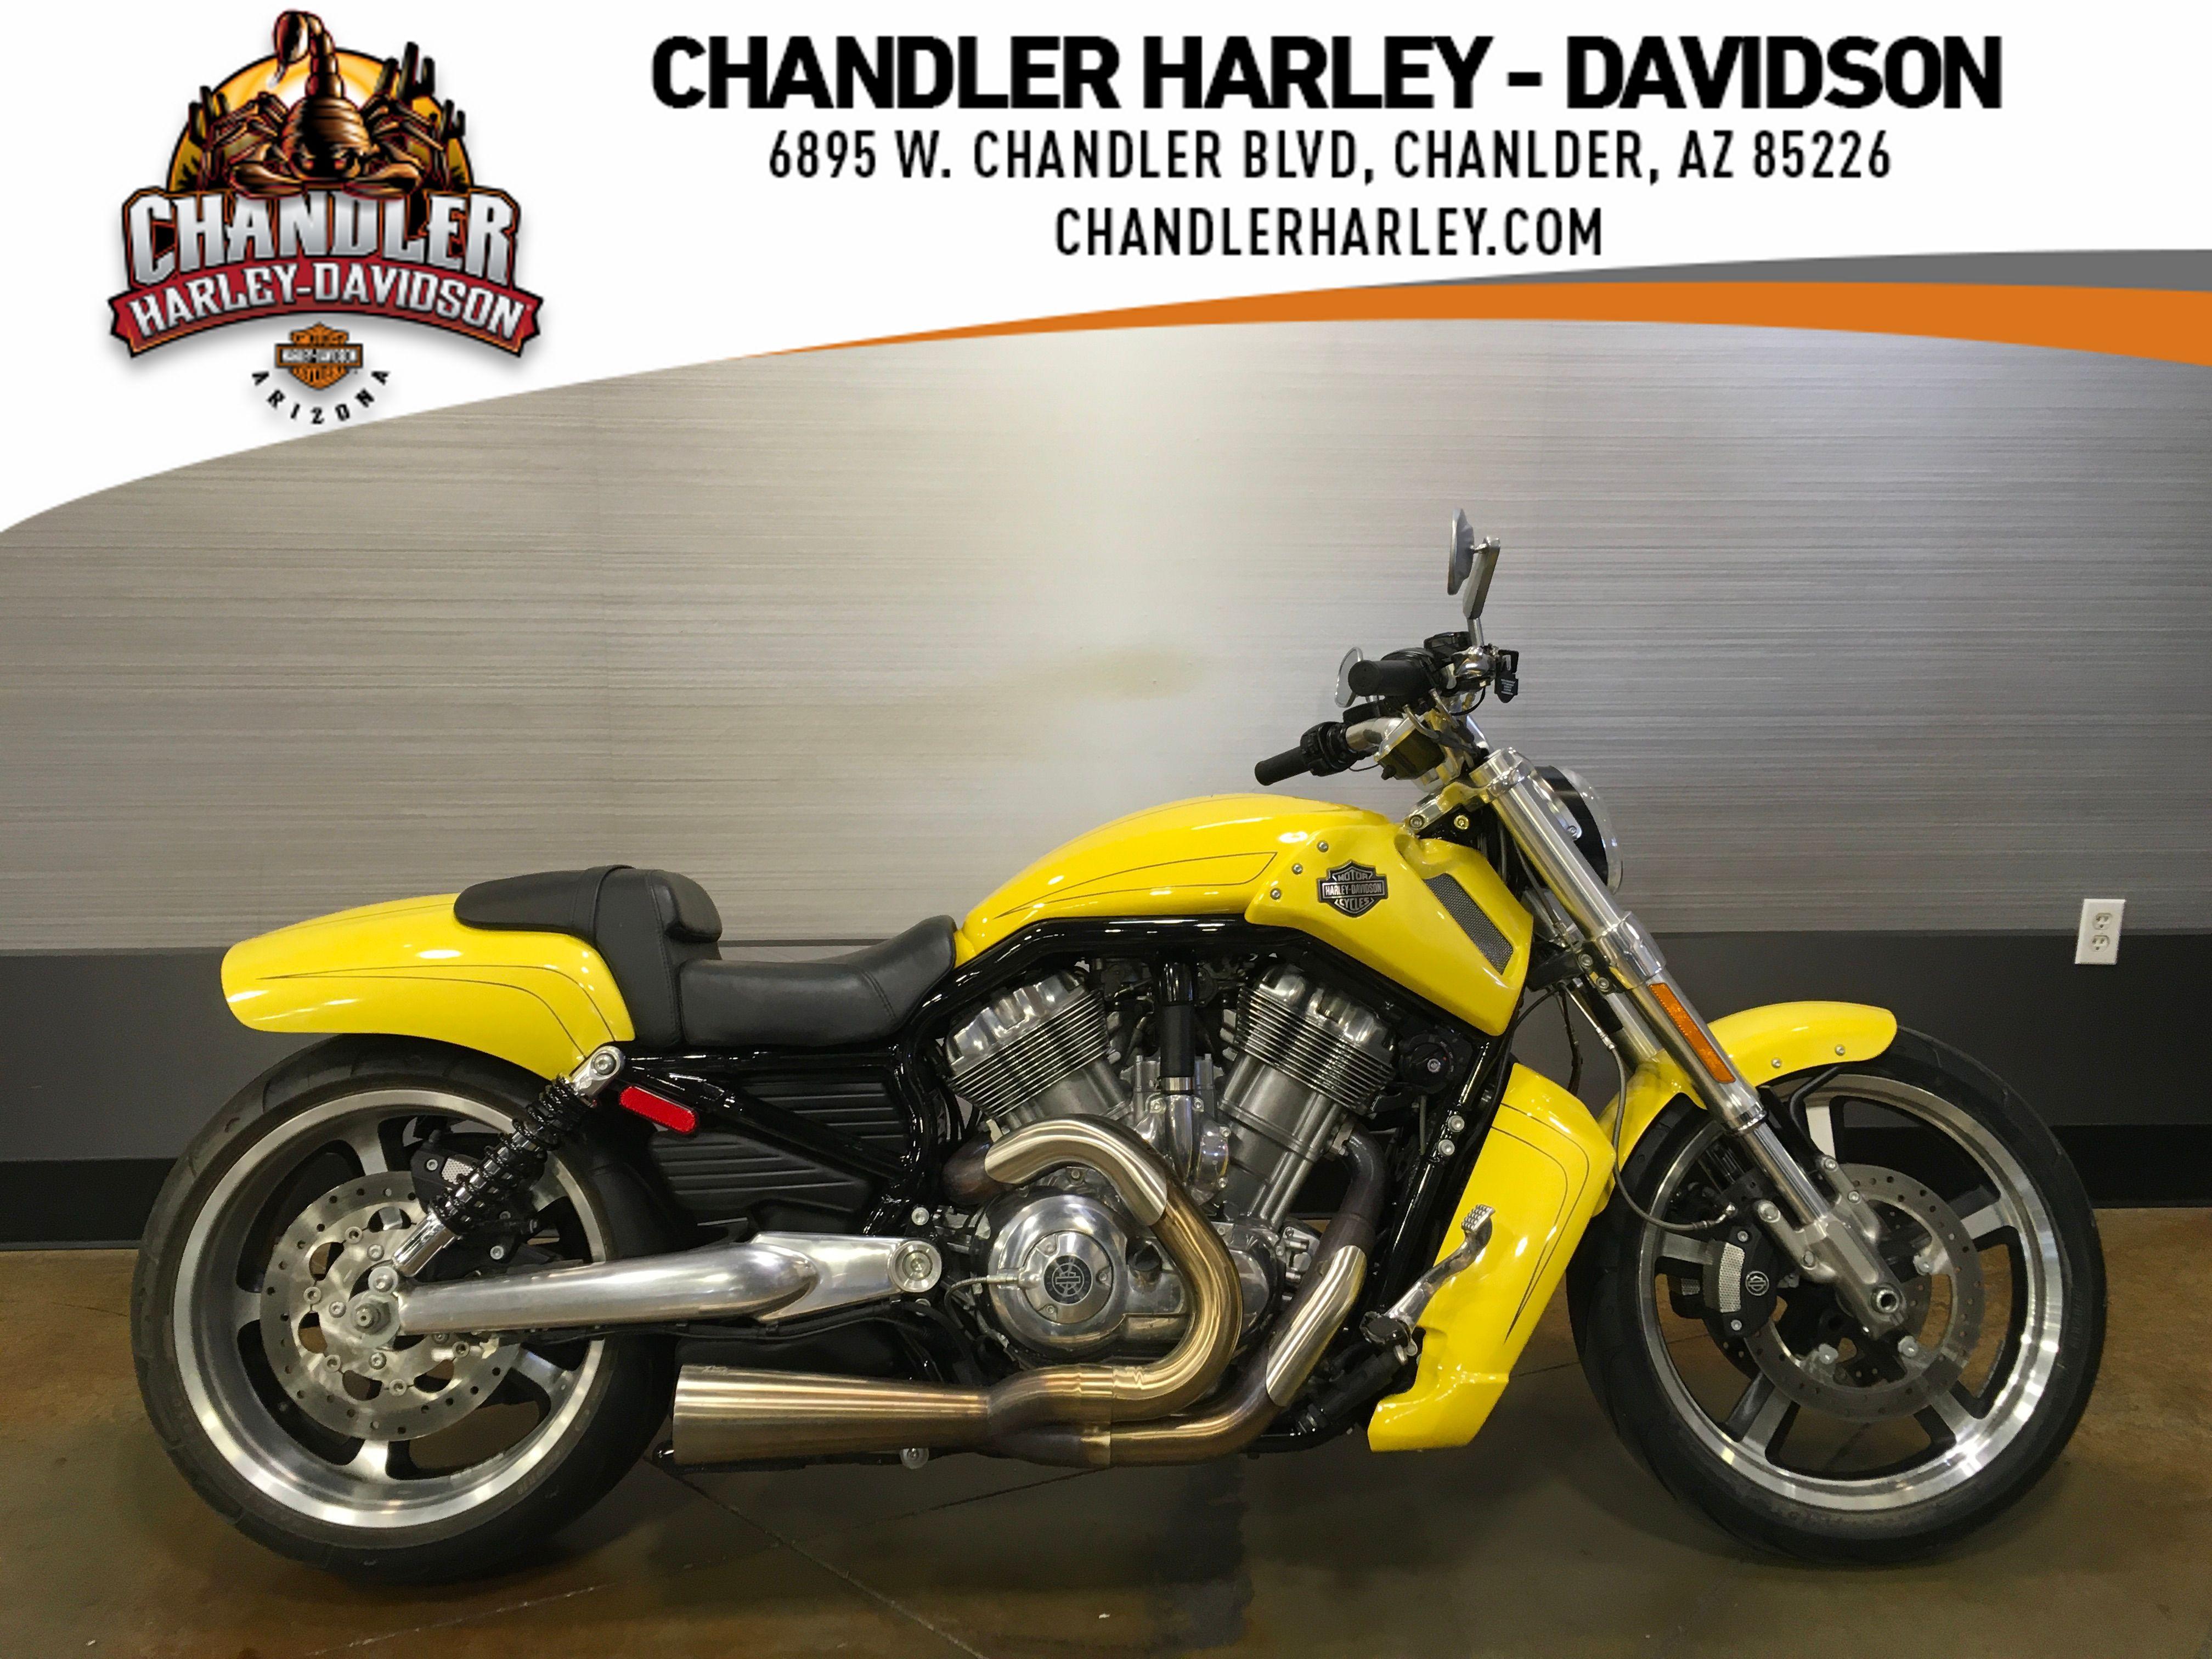 2017 Harley-Davidson V-Rod Muscle